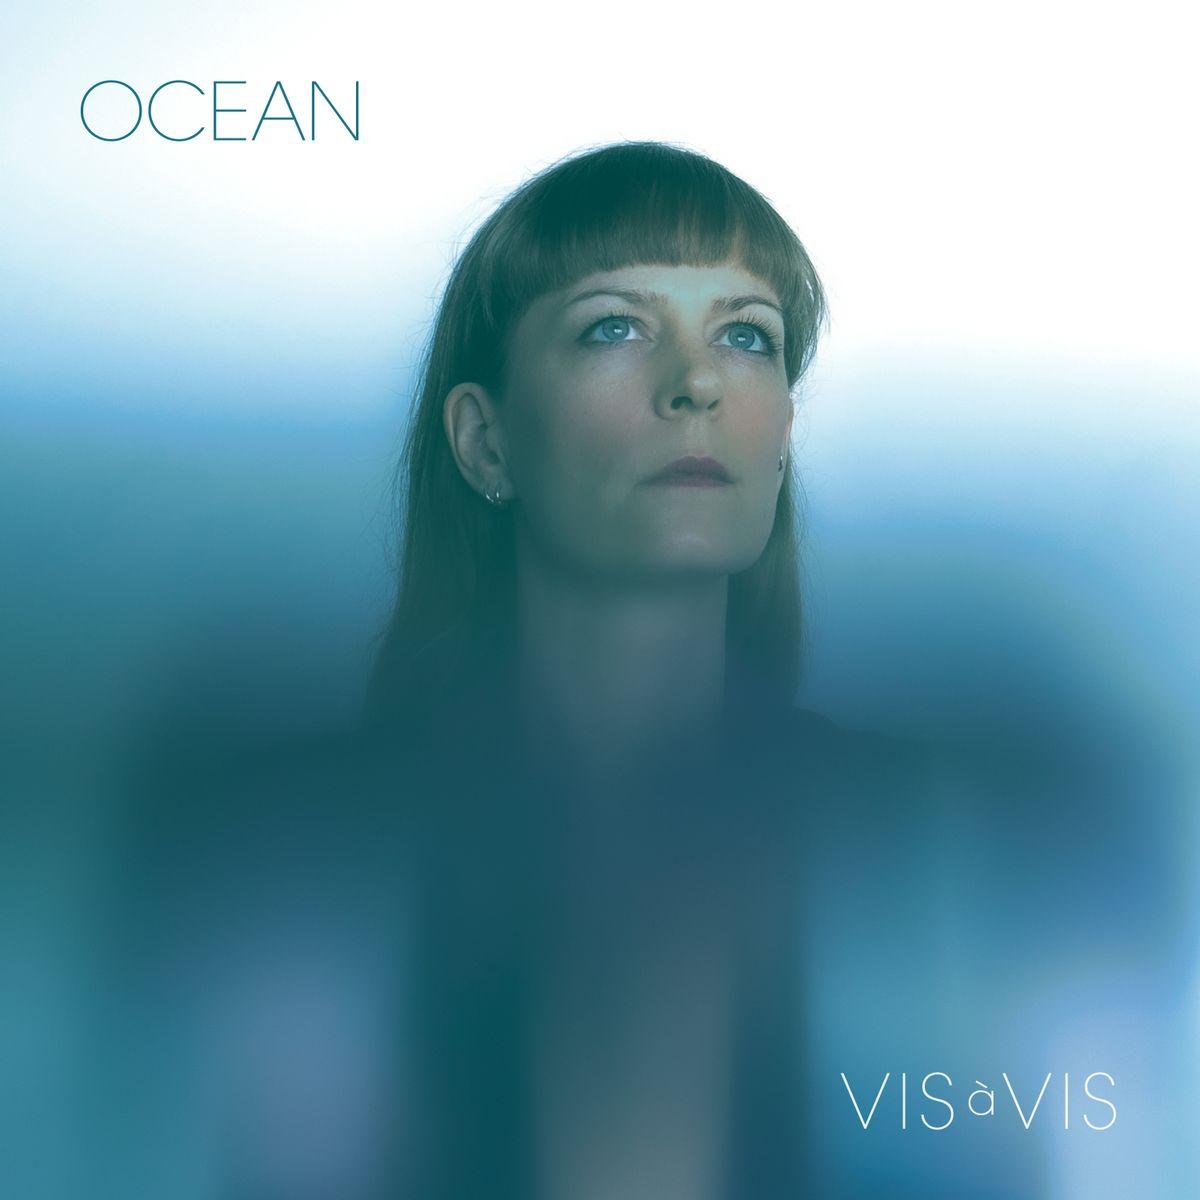 #daPremière - Vis à Vis - Ocean